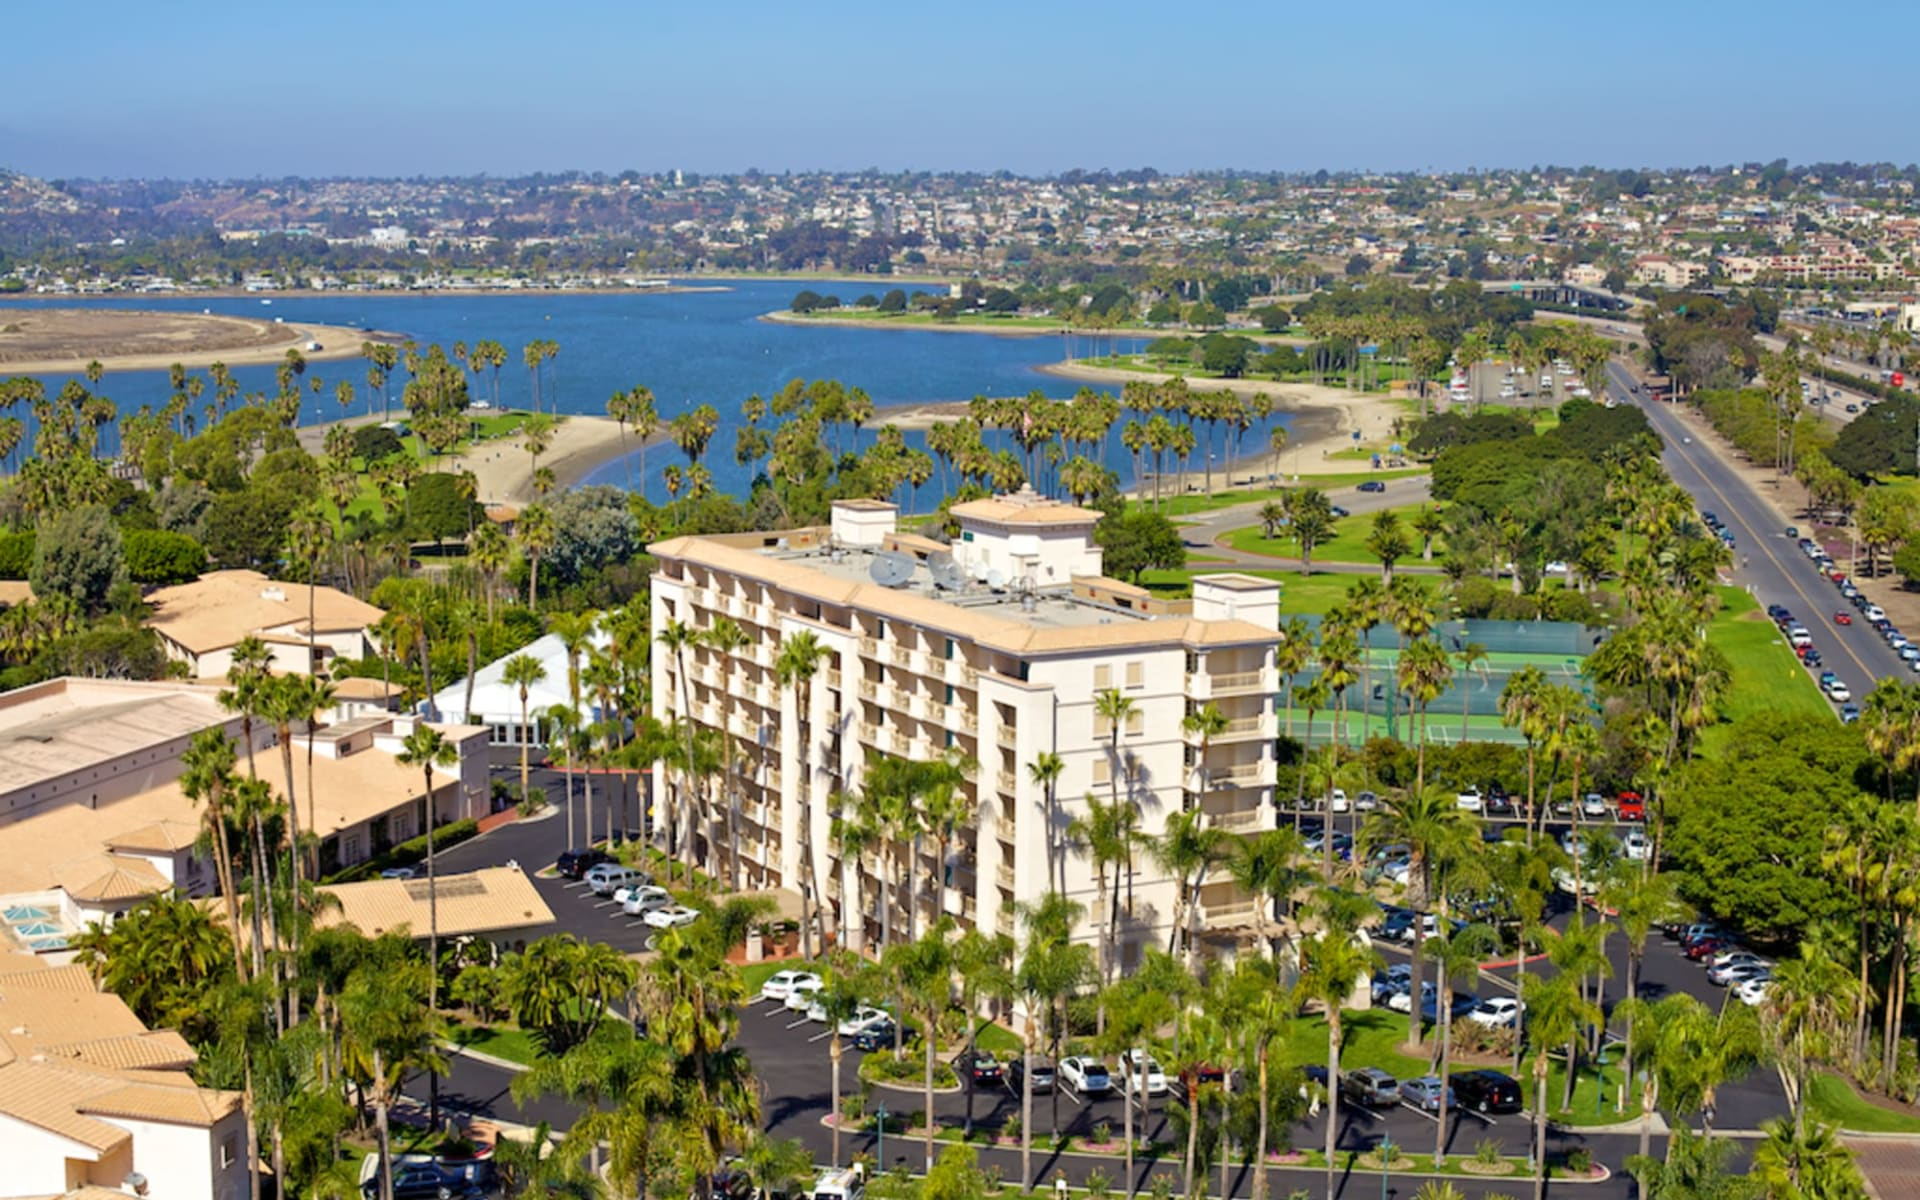 Mission Bay Resort in San Diego:  Mission Bay Resort - Aussenansciht